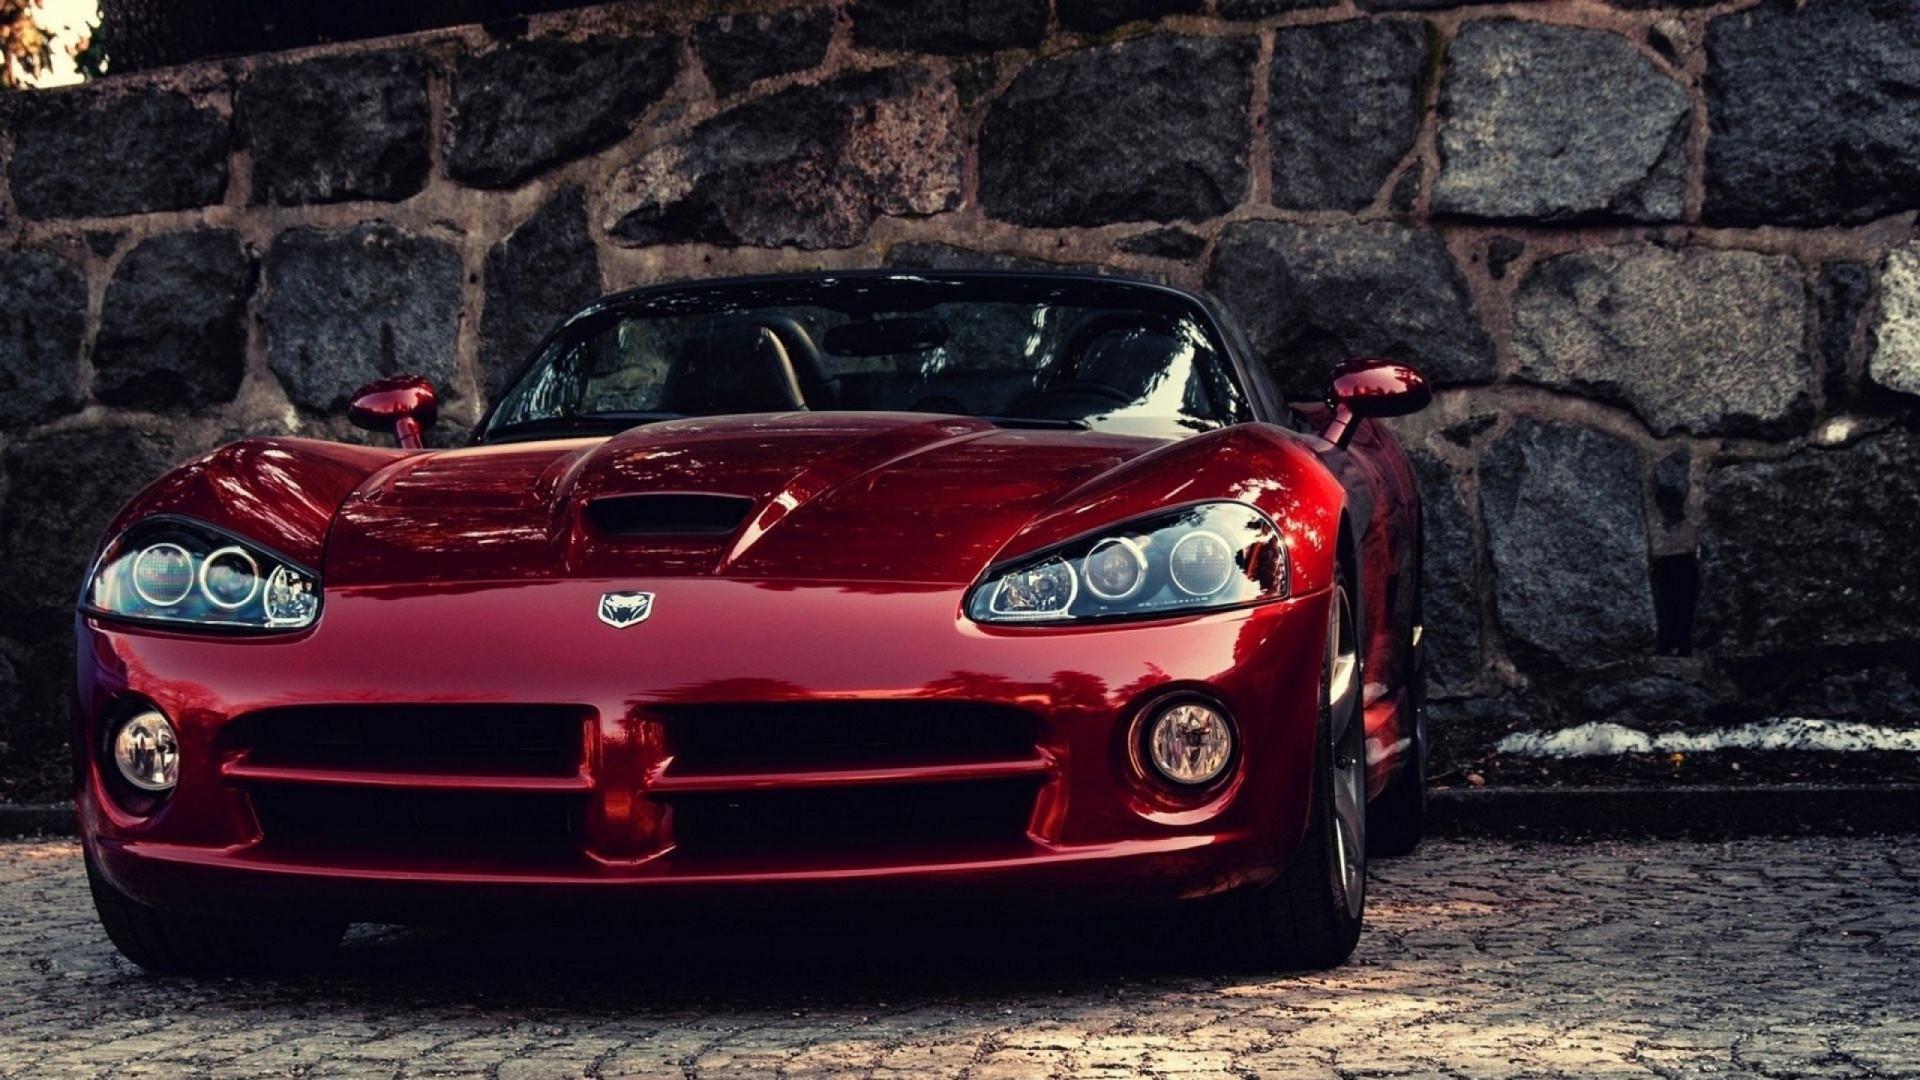 … Background Full HD 1080p. Wallpaper dodge viper, auto, red